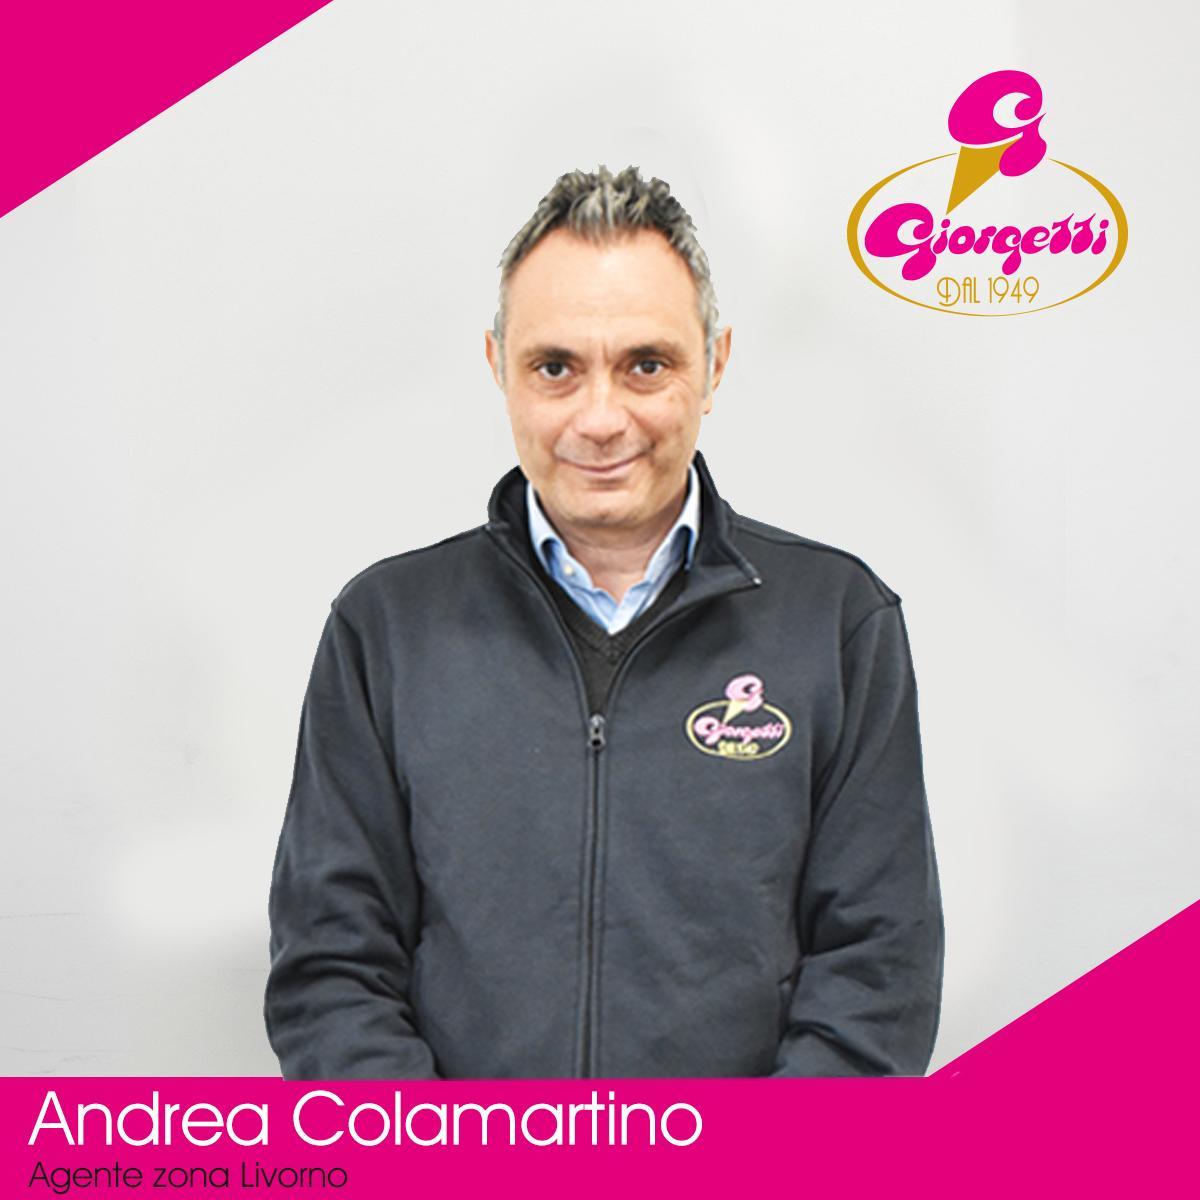 Andrea Colamartino